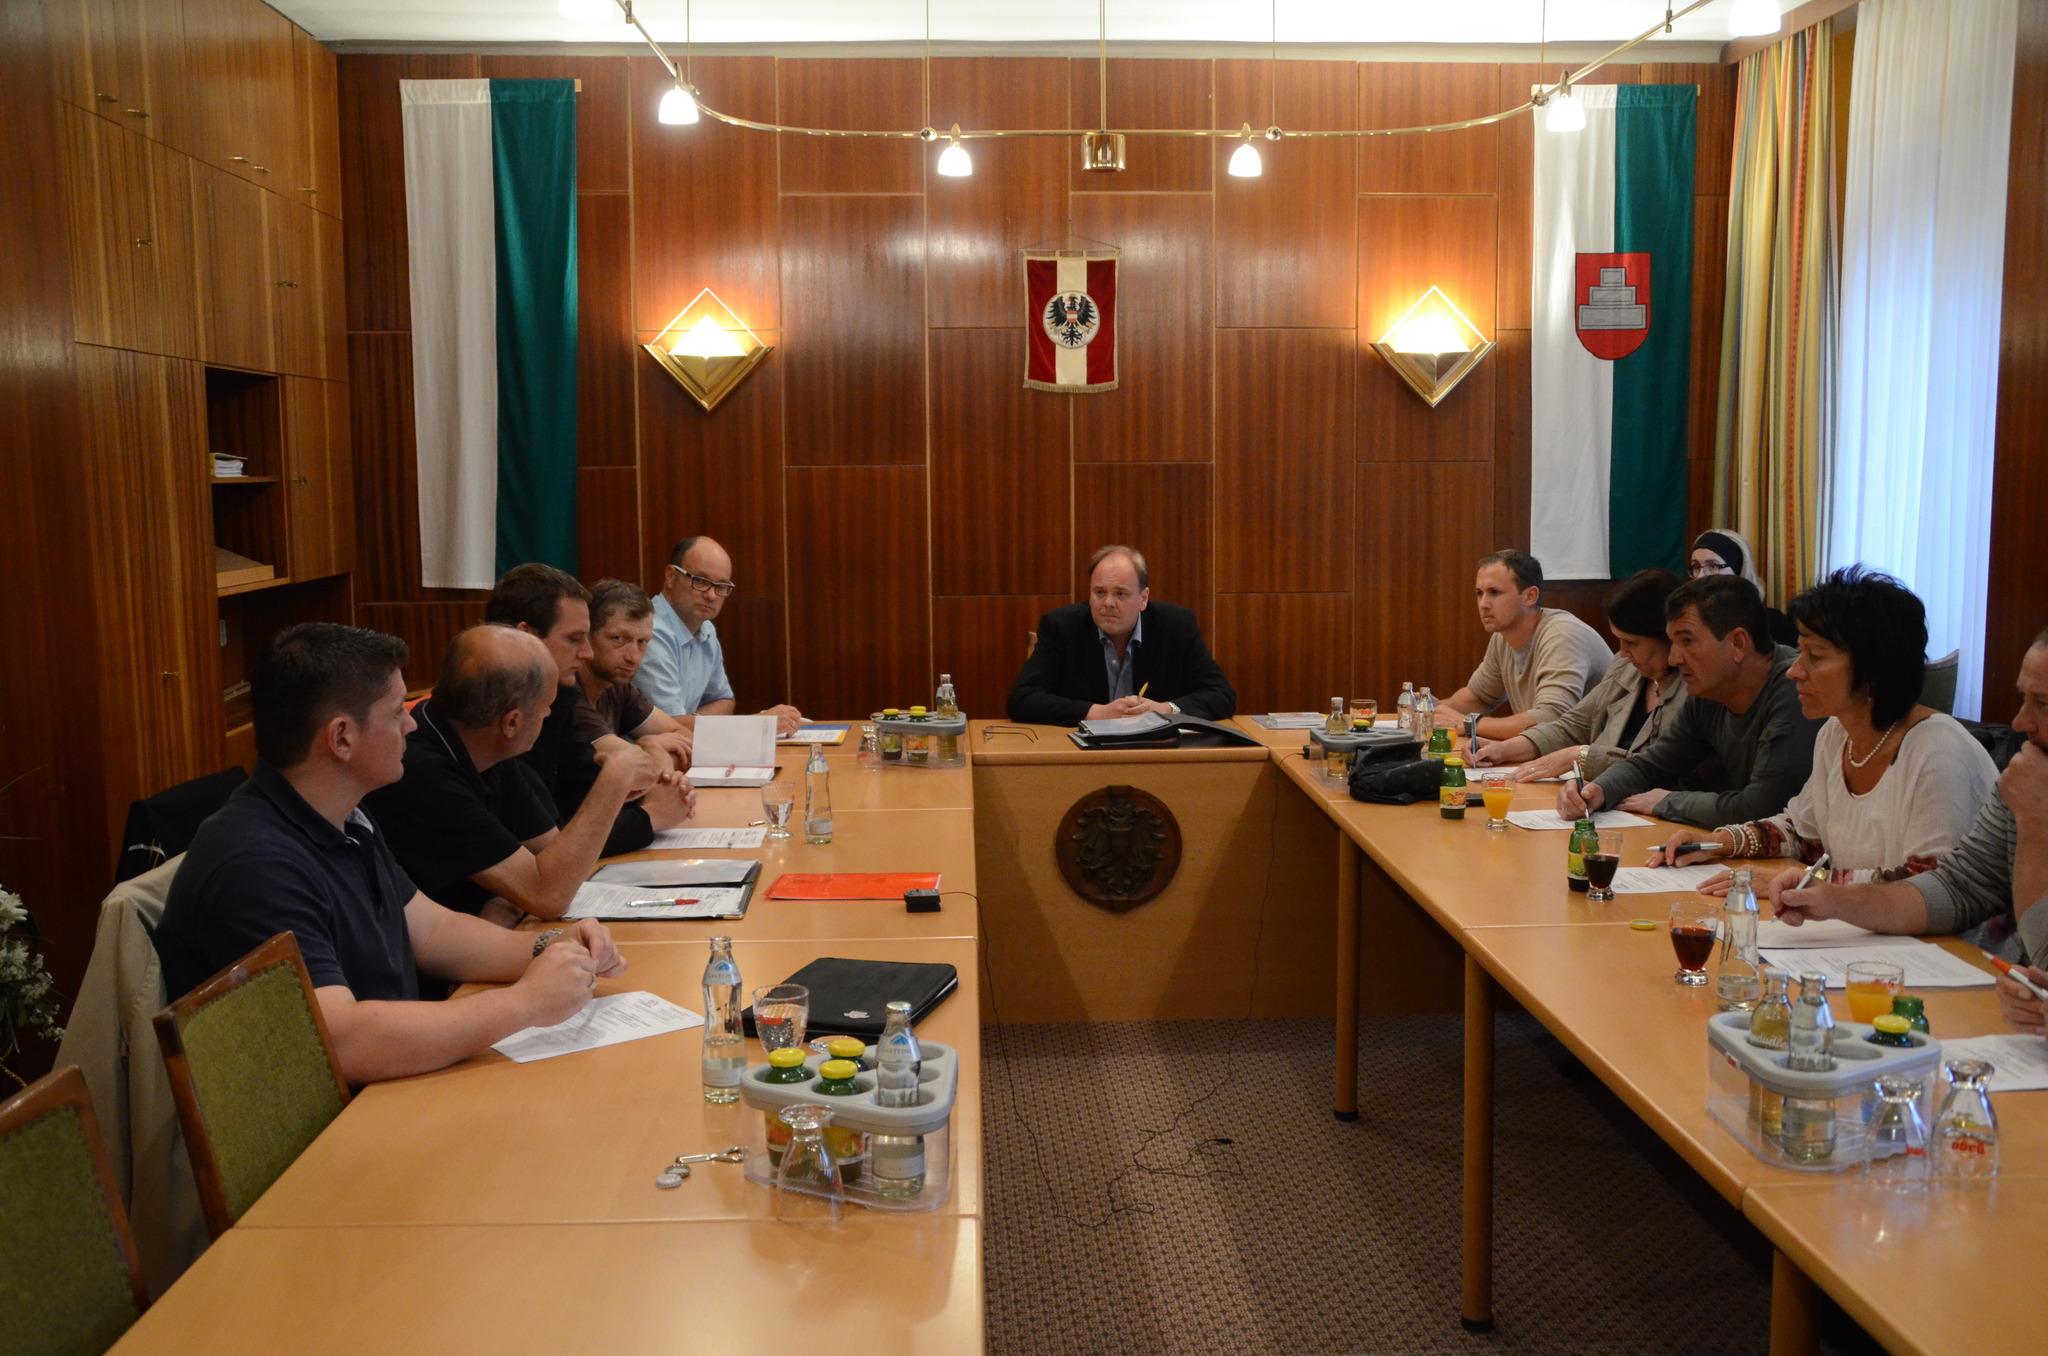 Veranstaltungen in der Region Liezen - blaklimos.com